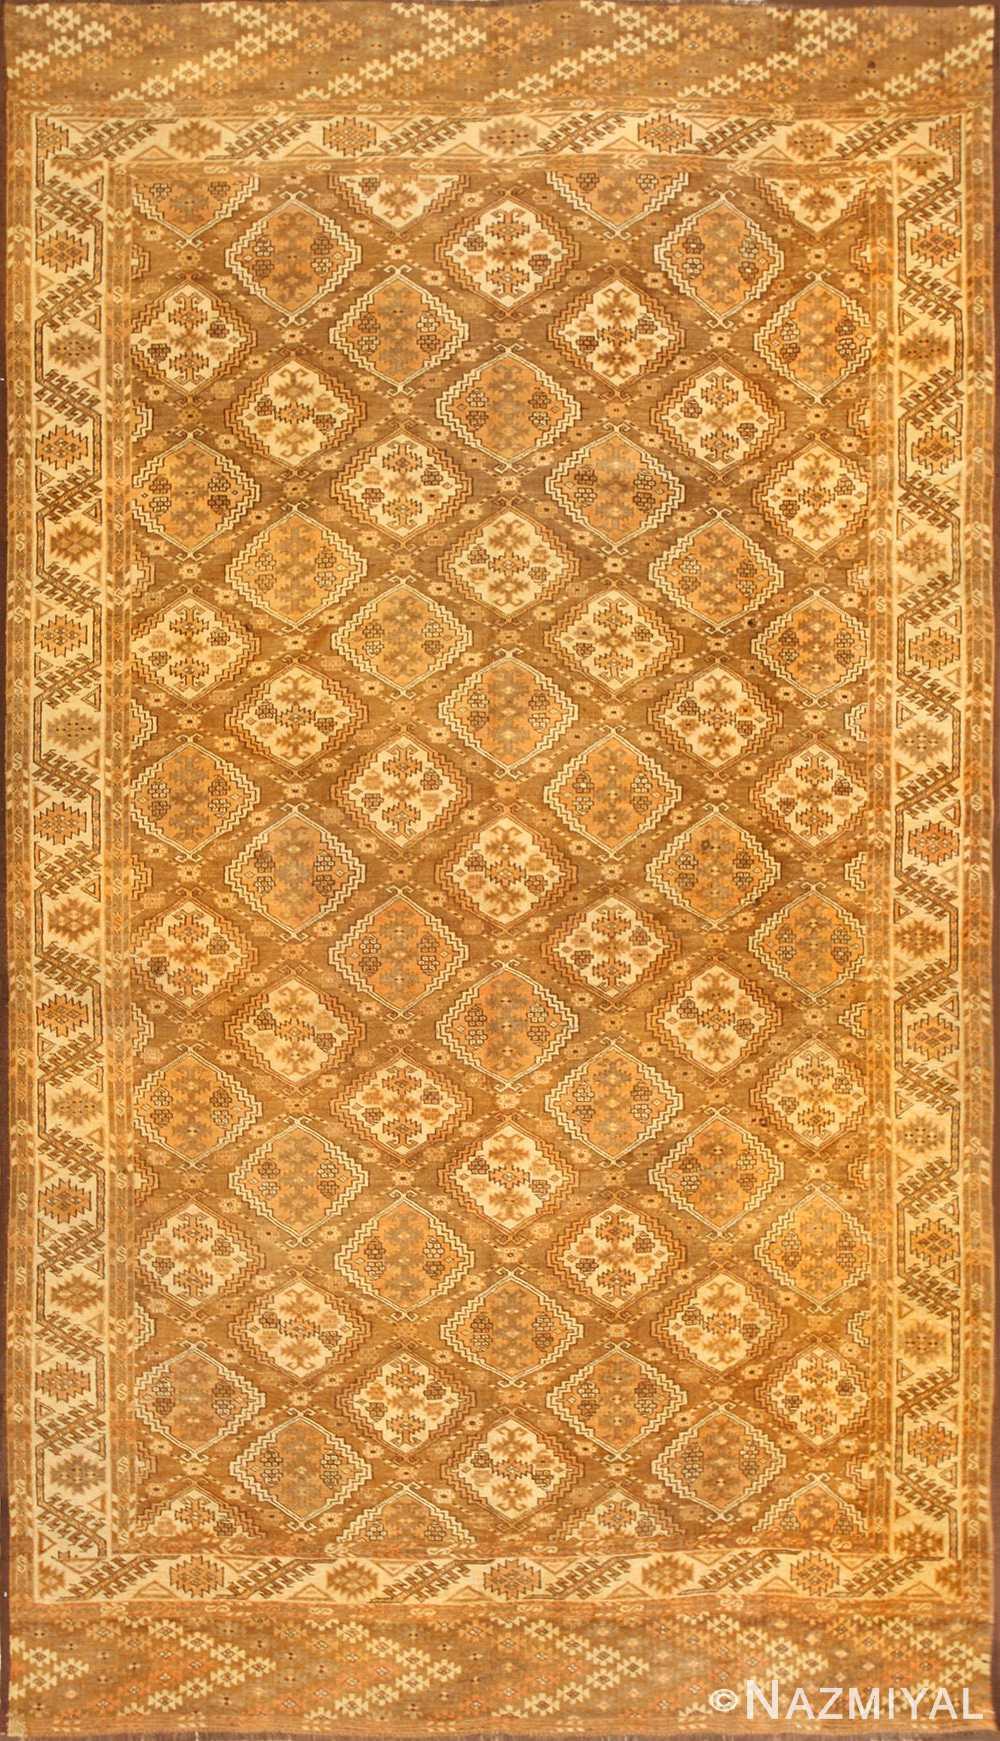 Vintage Afghan Rug 50500 Detail/Large View